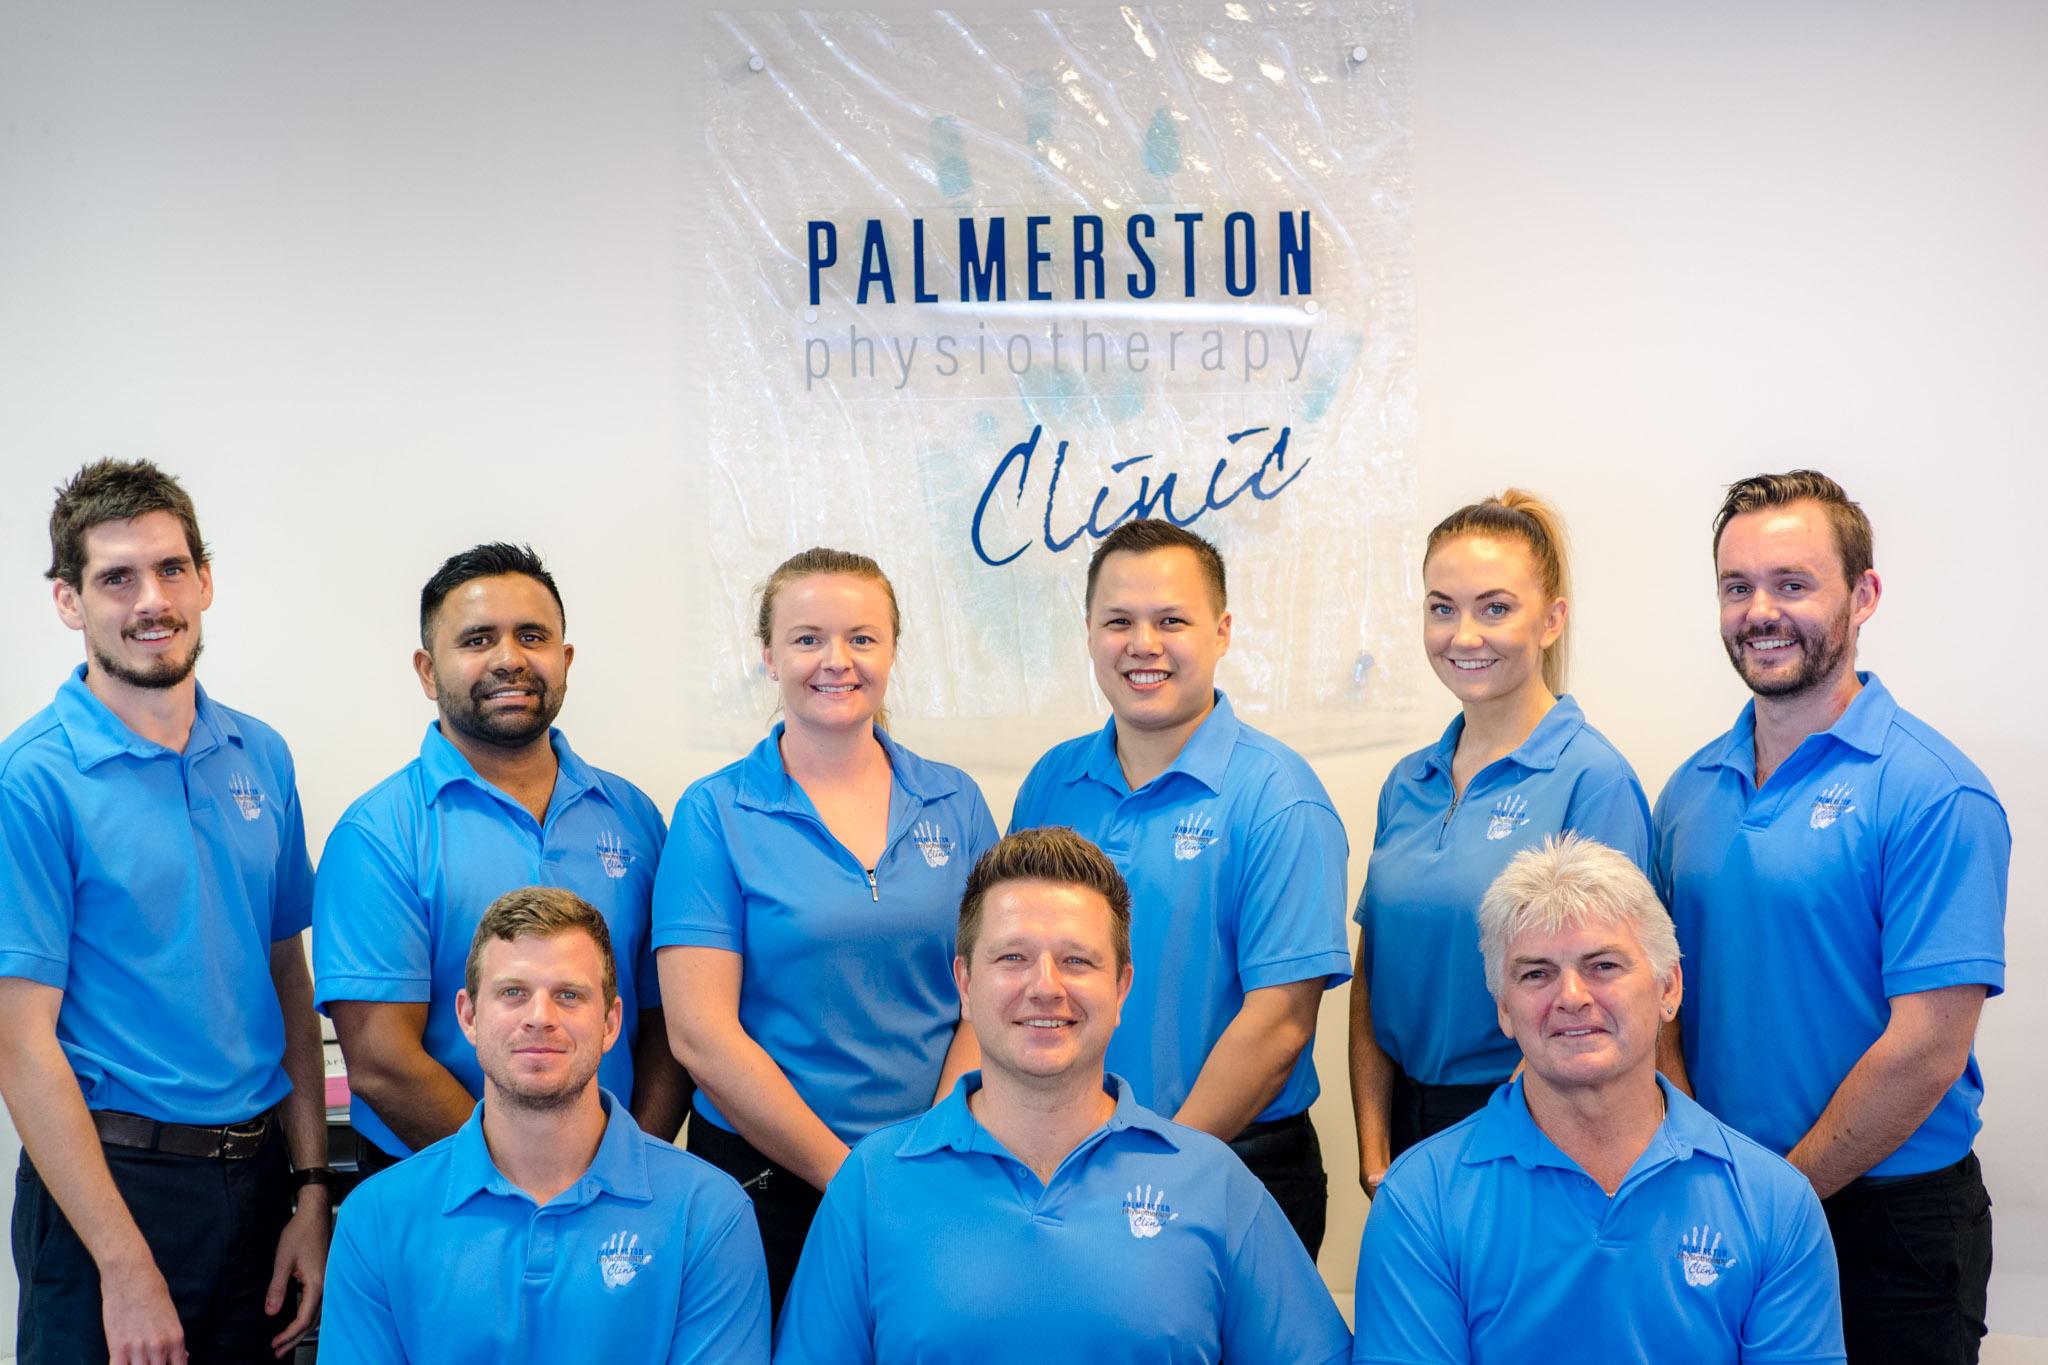 palmerstonphysio-63.jpg